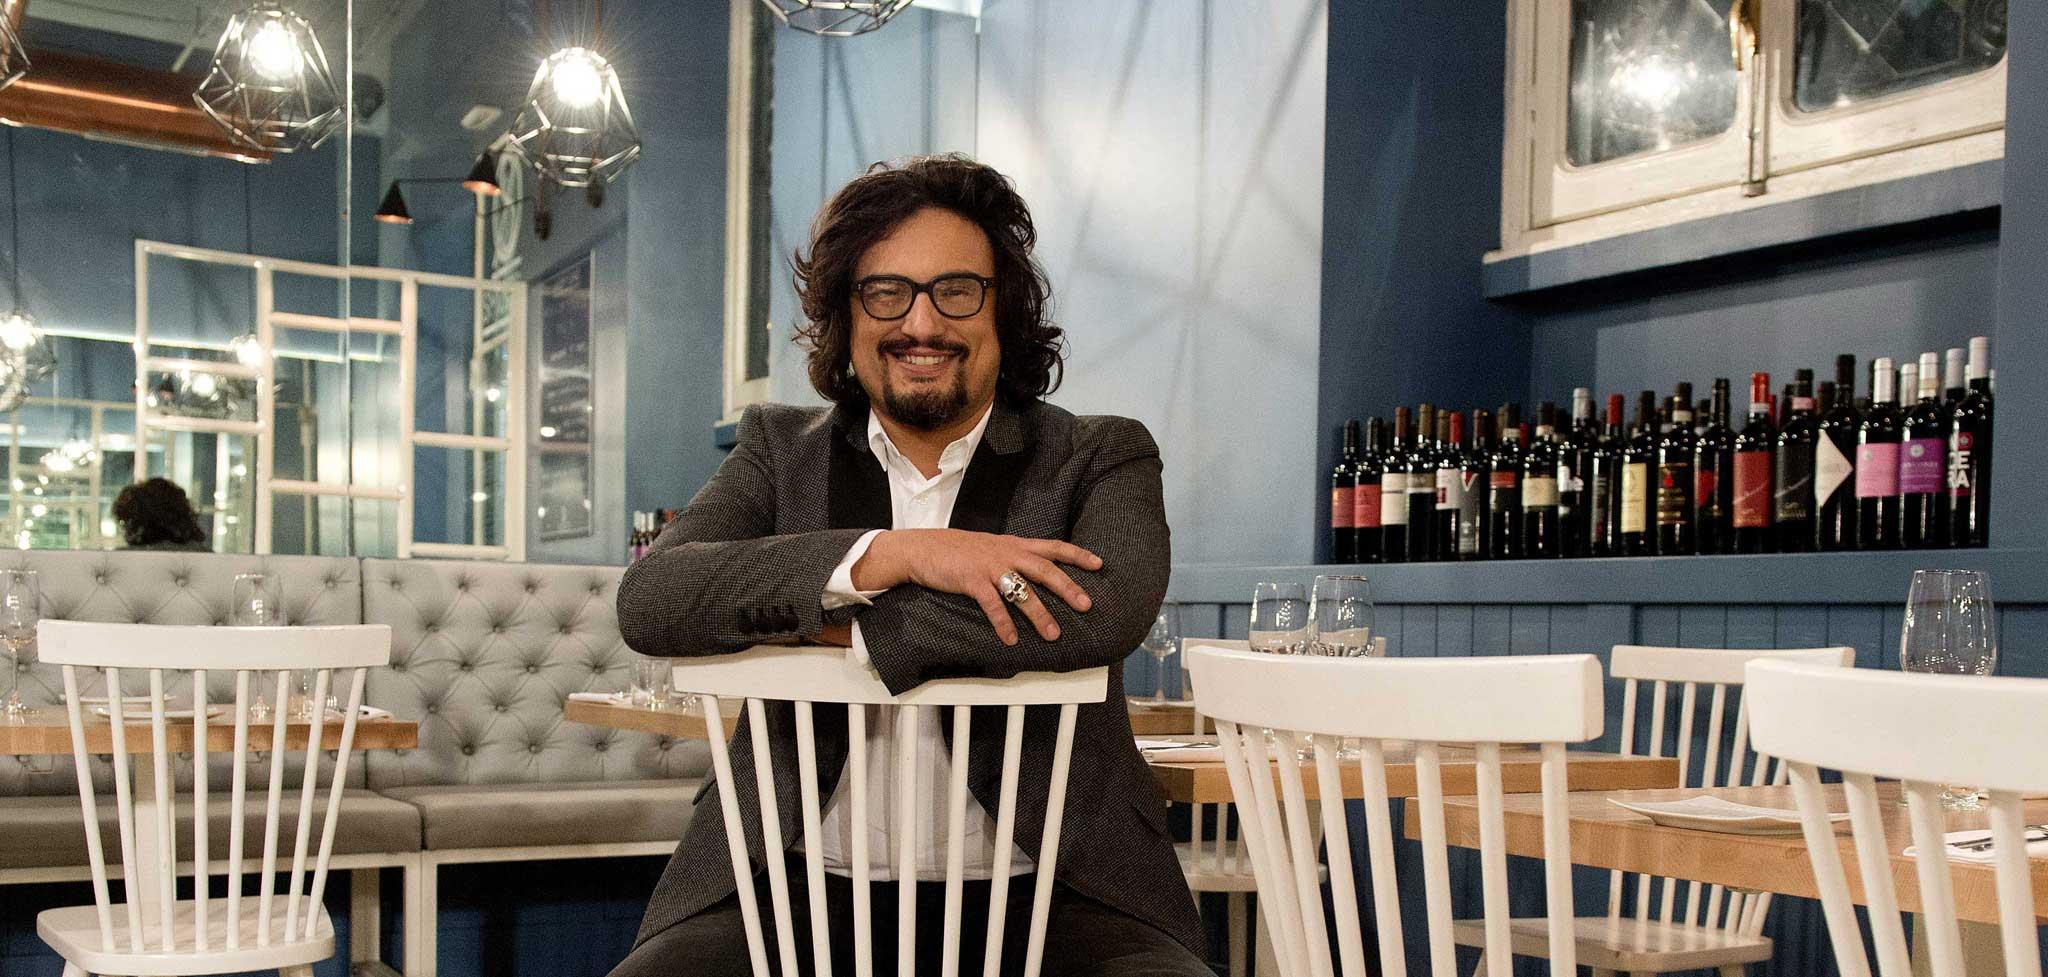 Alessandro borghese ritorna in tv con quattro ristoranti for Alessandro borghese milano